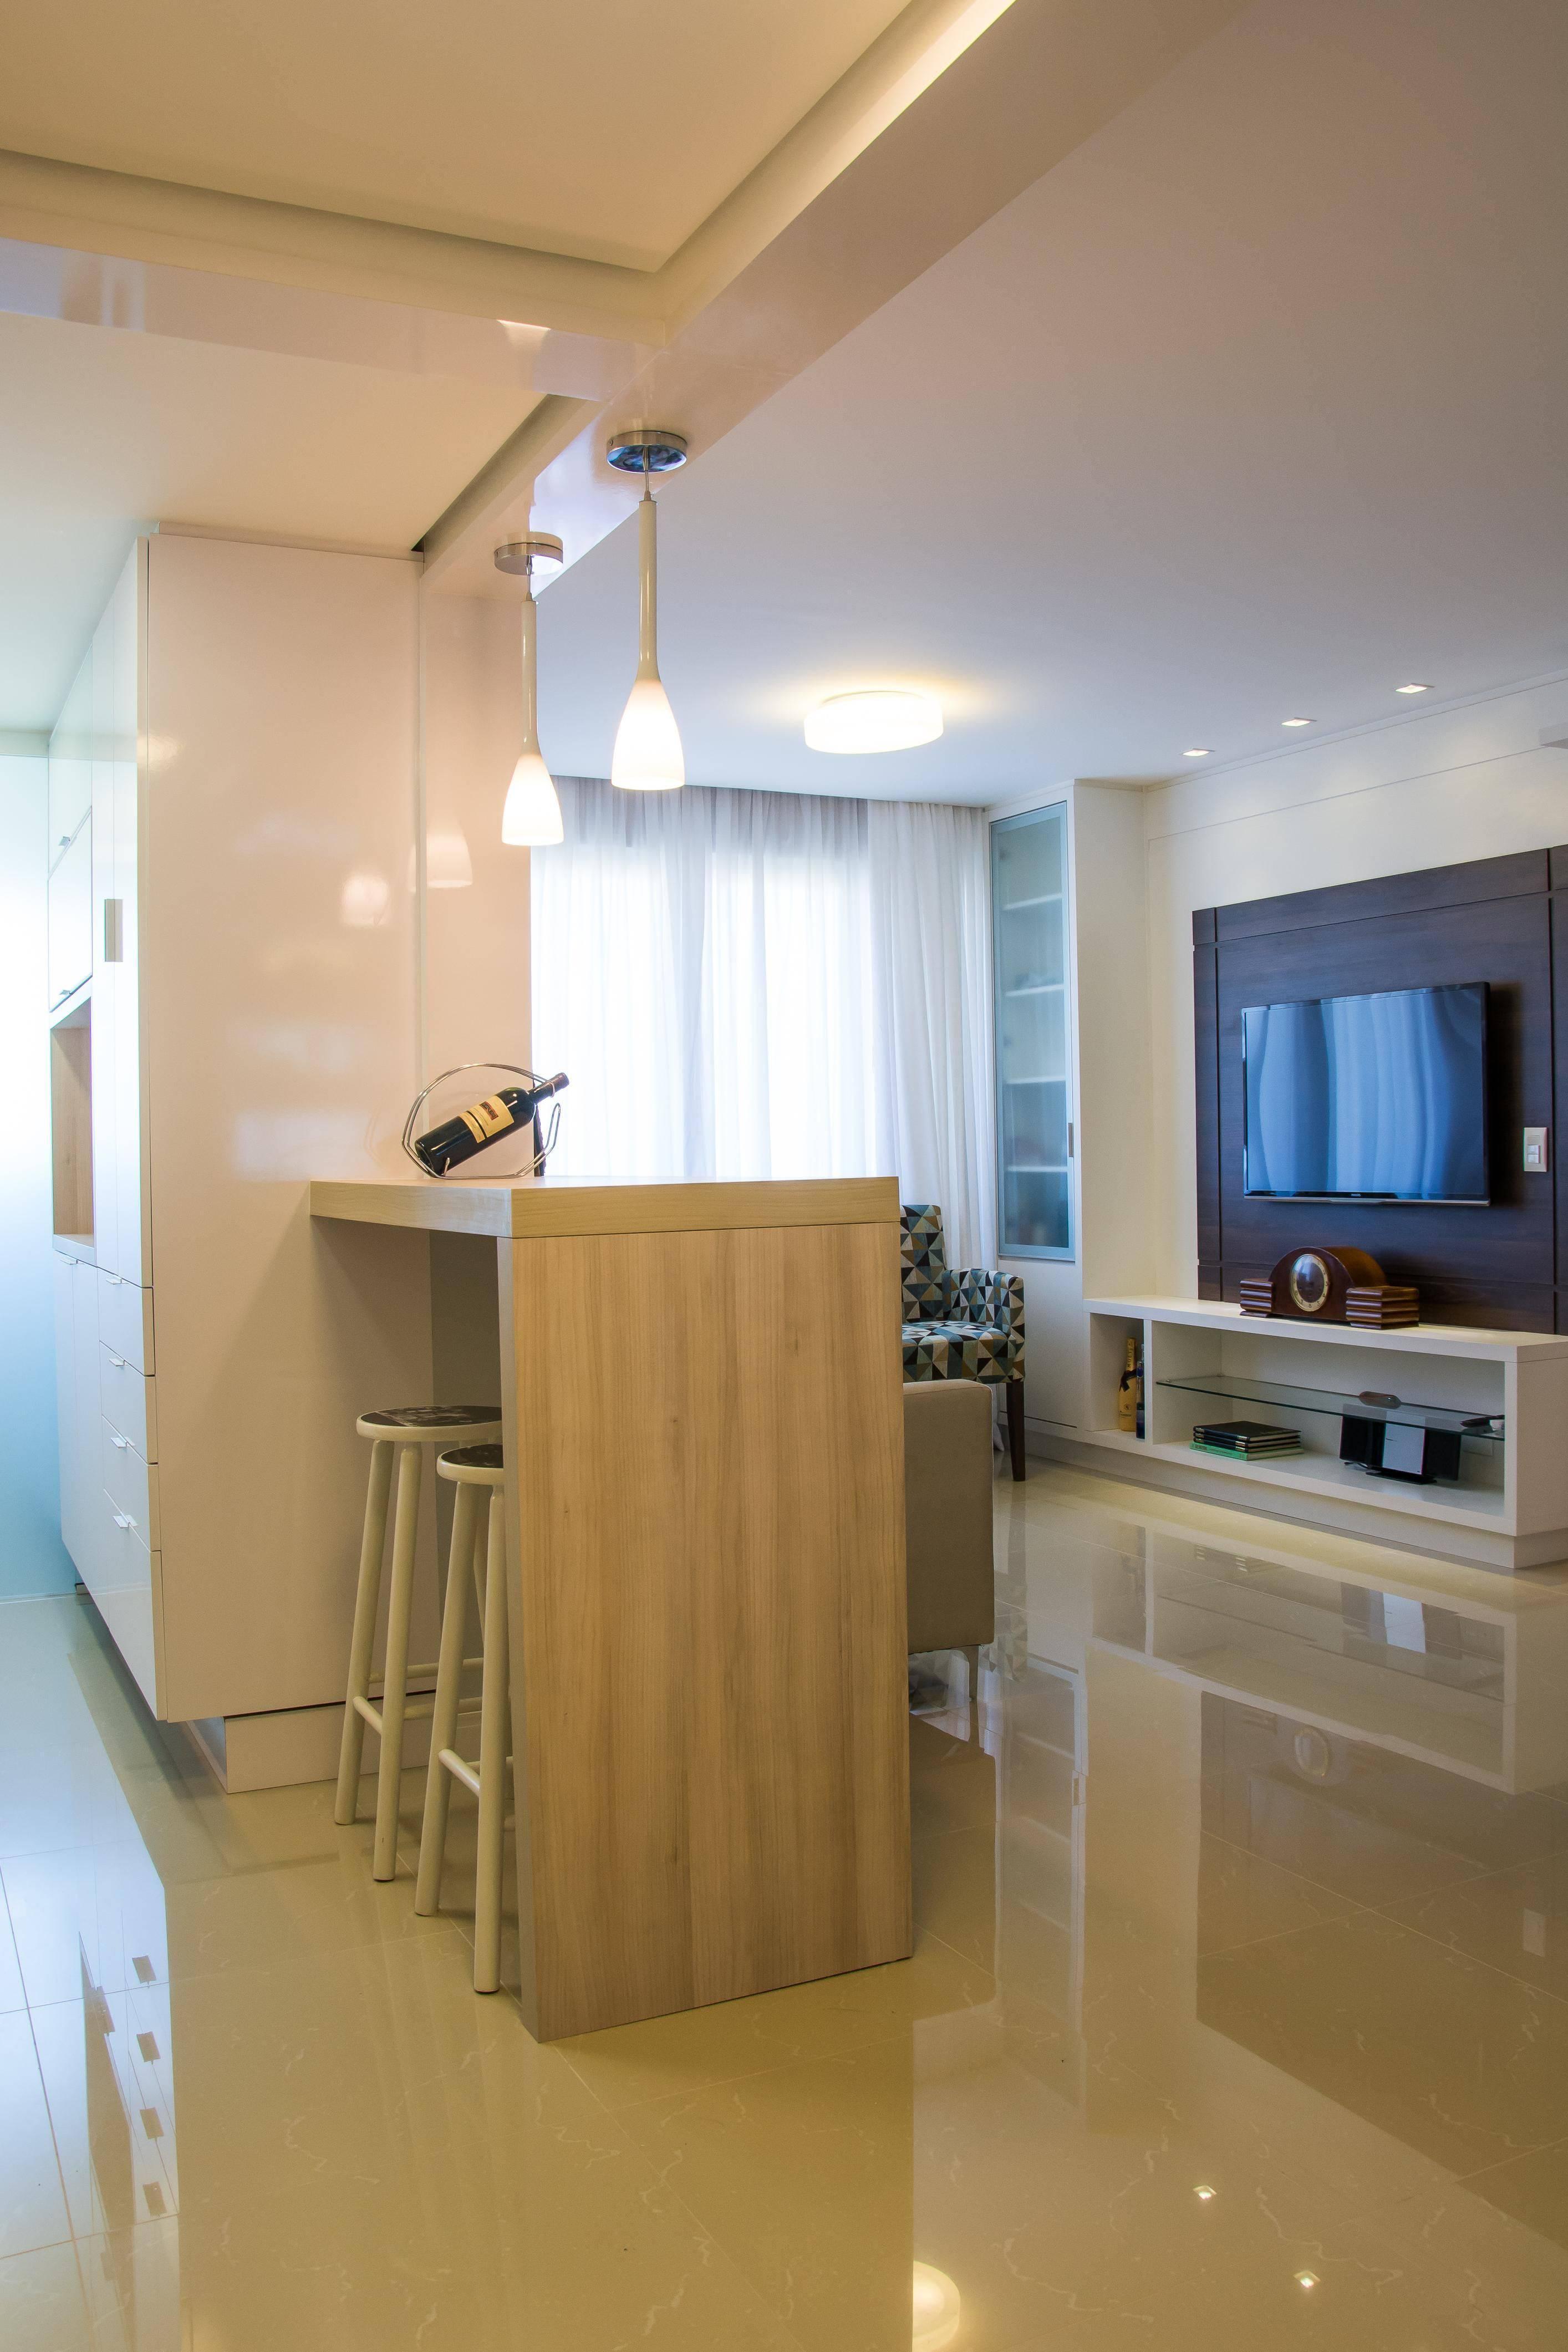 Sala com cozinha americana simples para apartamentos pequenos #8D6D3E 2828 4242